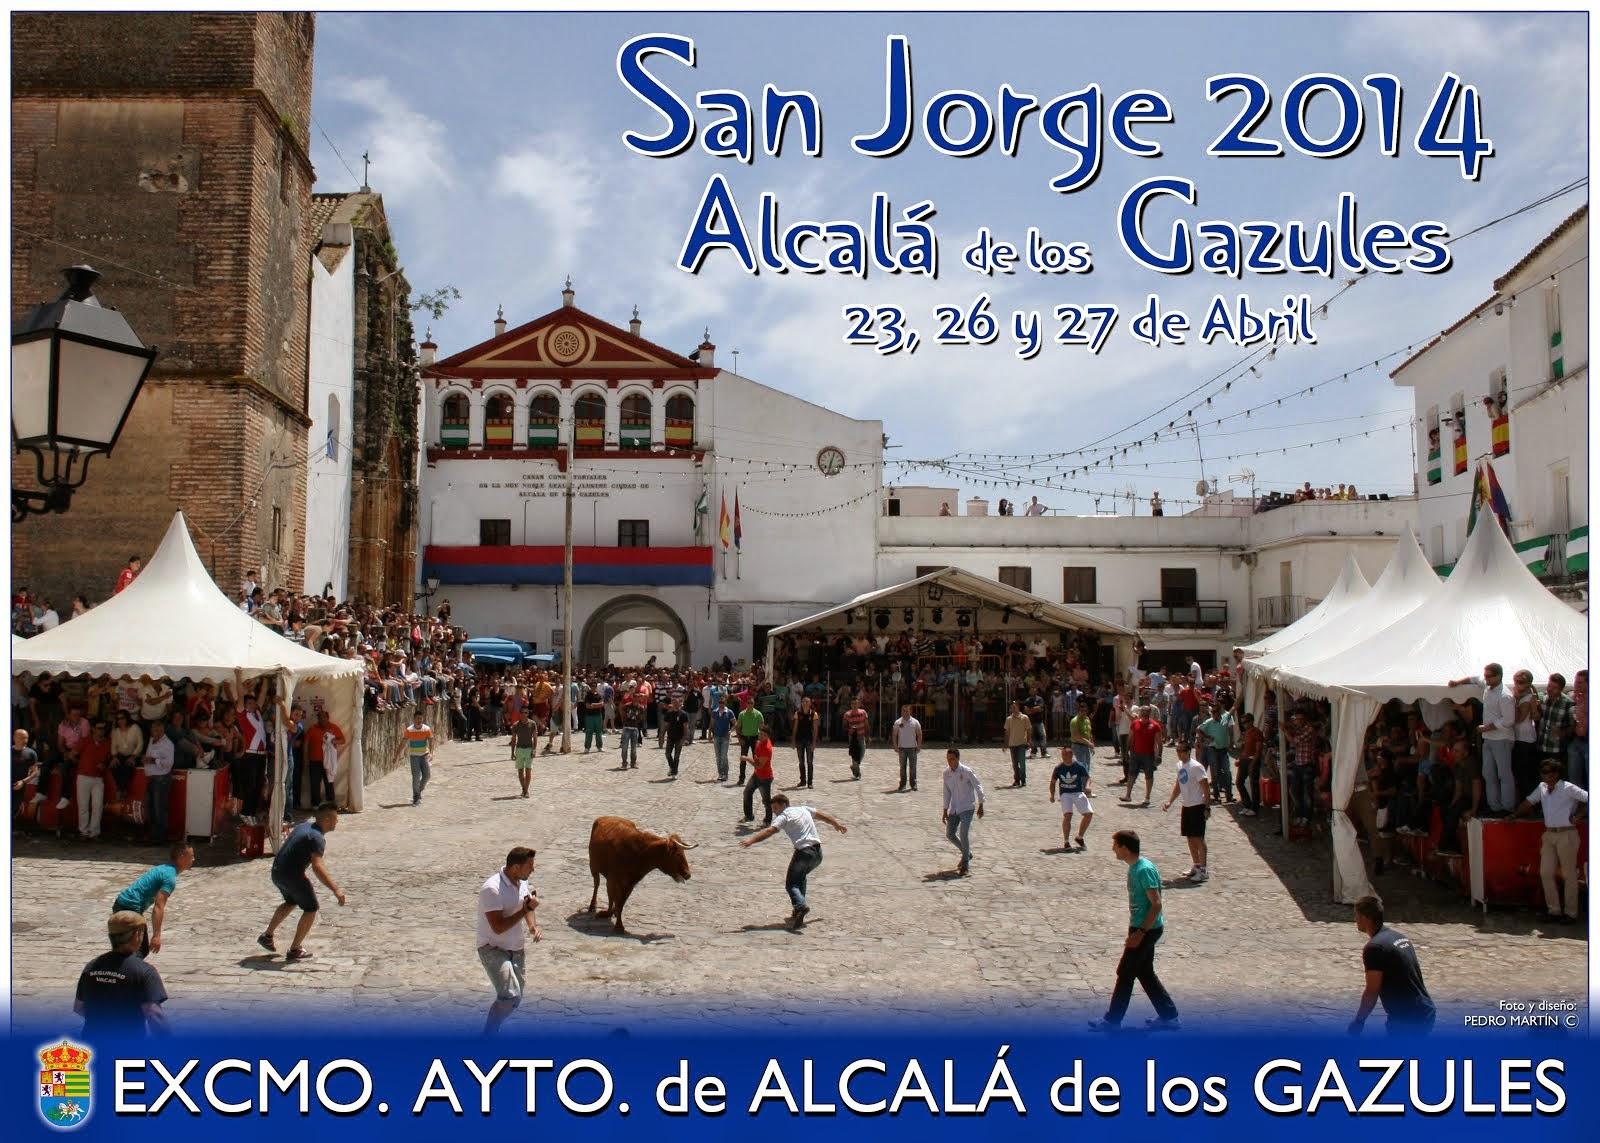 SAN JORGE 2014 - ALCALÁ DE LOS GAZULES